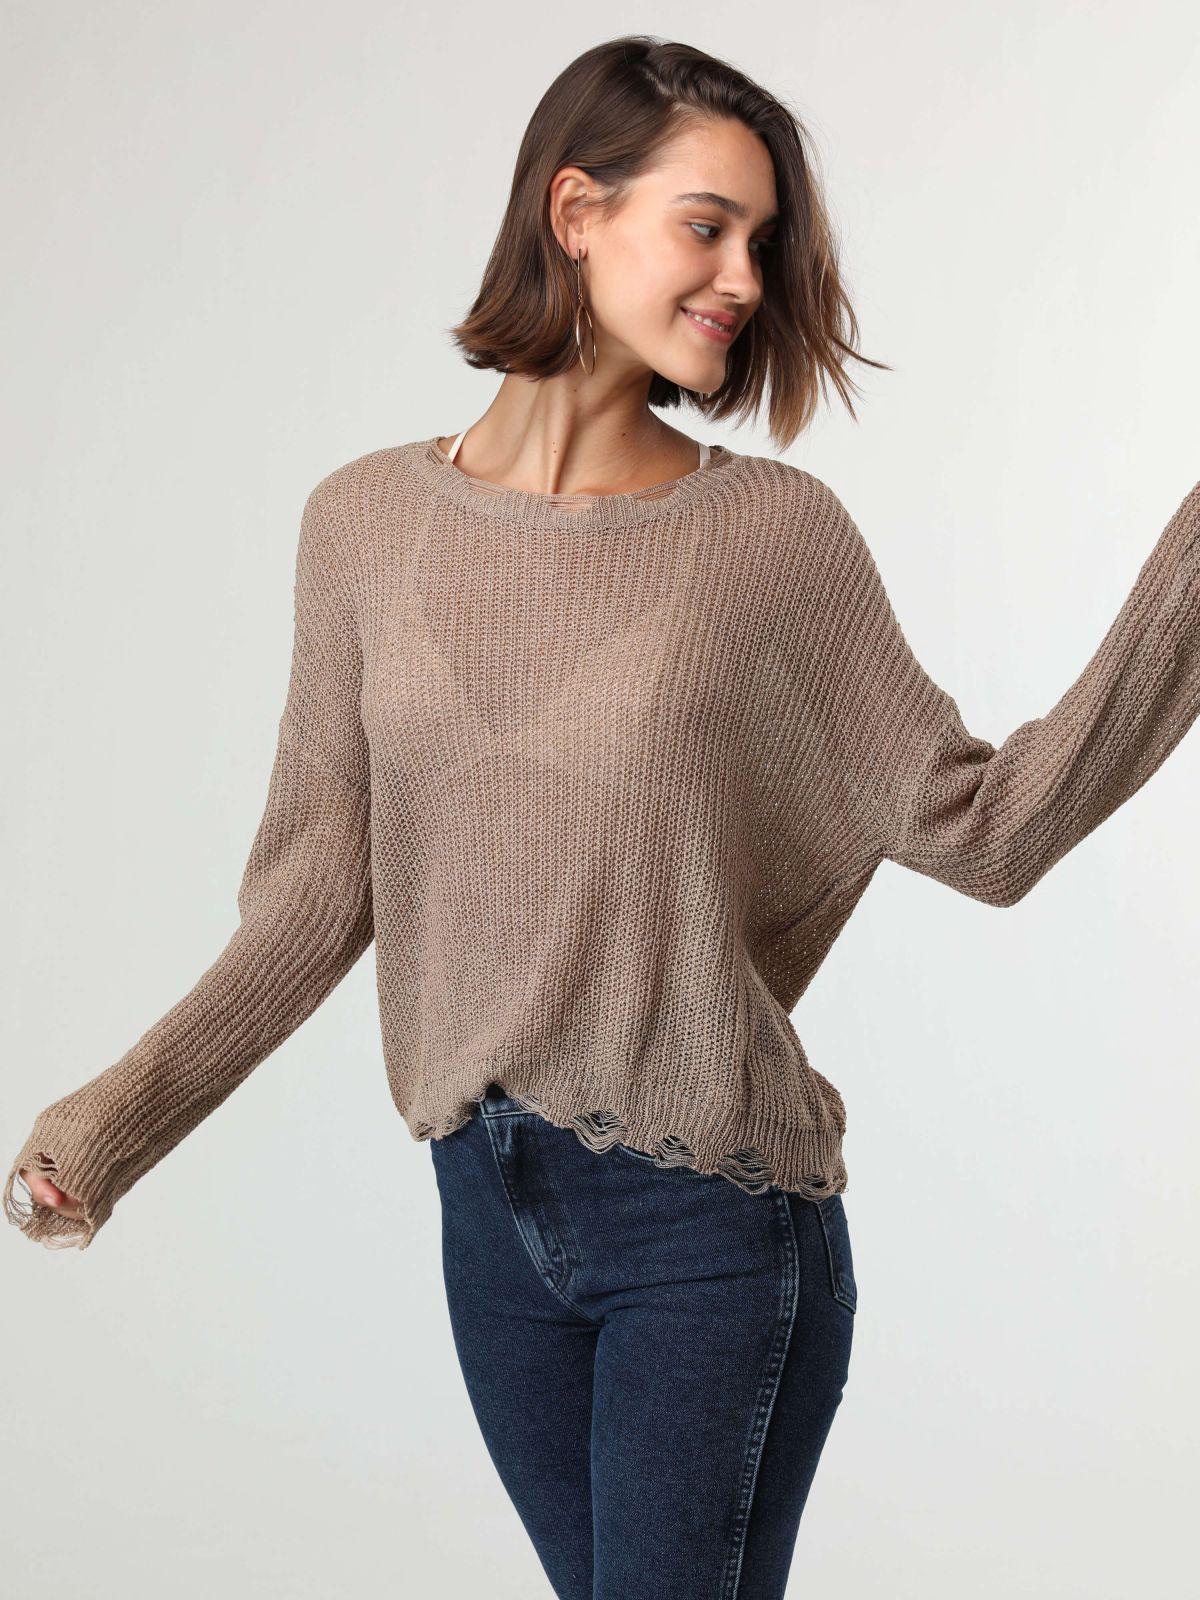 חולצת סריג שקופה עם סיומת קרעיםחולצת סריג שקופה עם סיומת קרעים של TERMINAL X